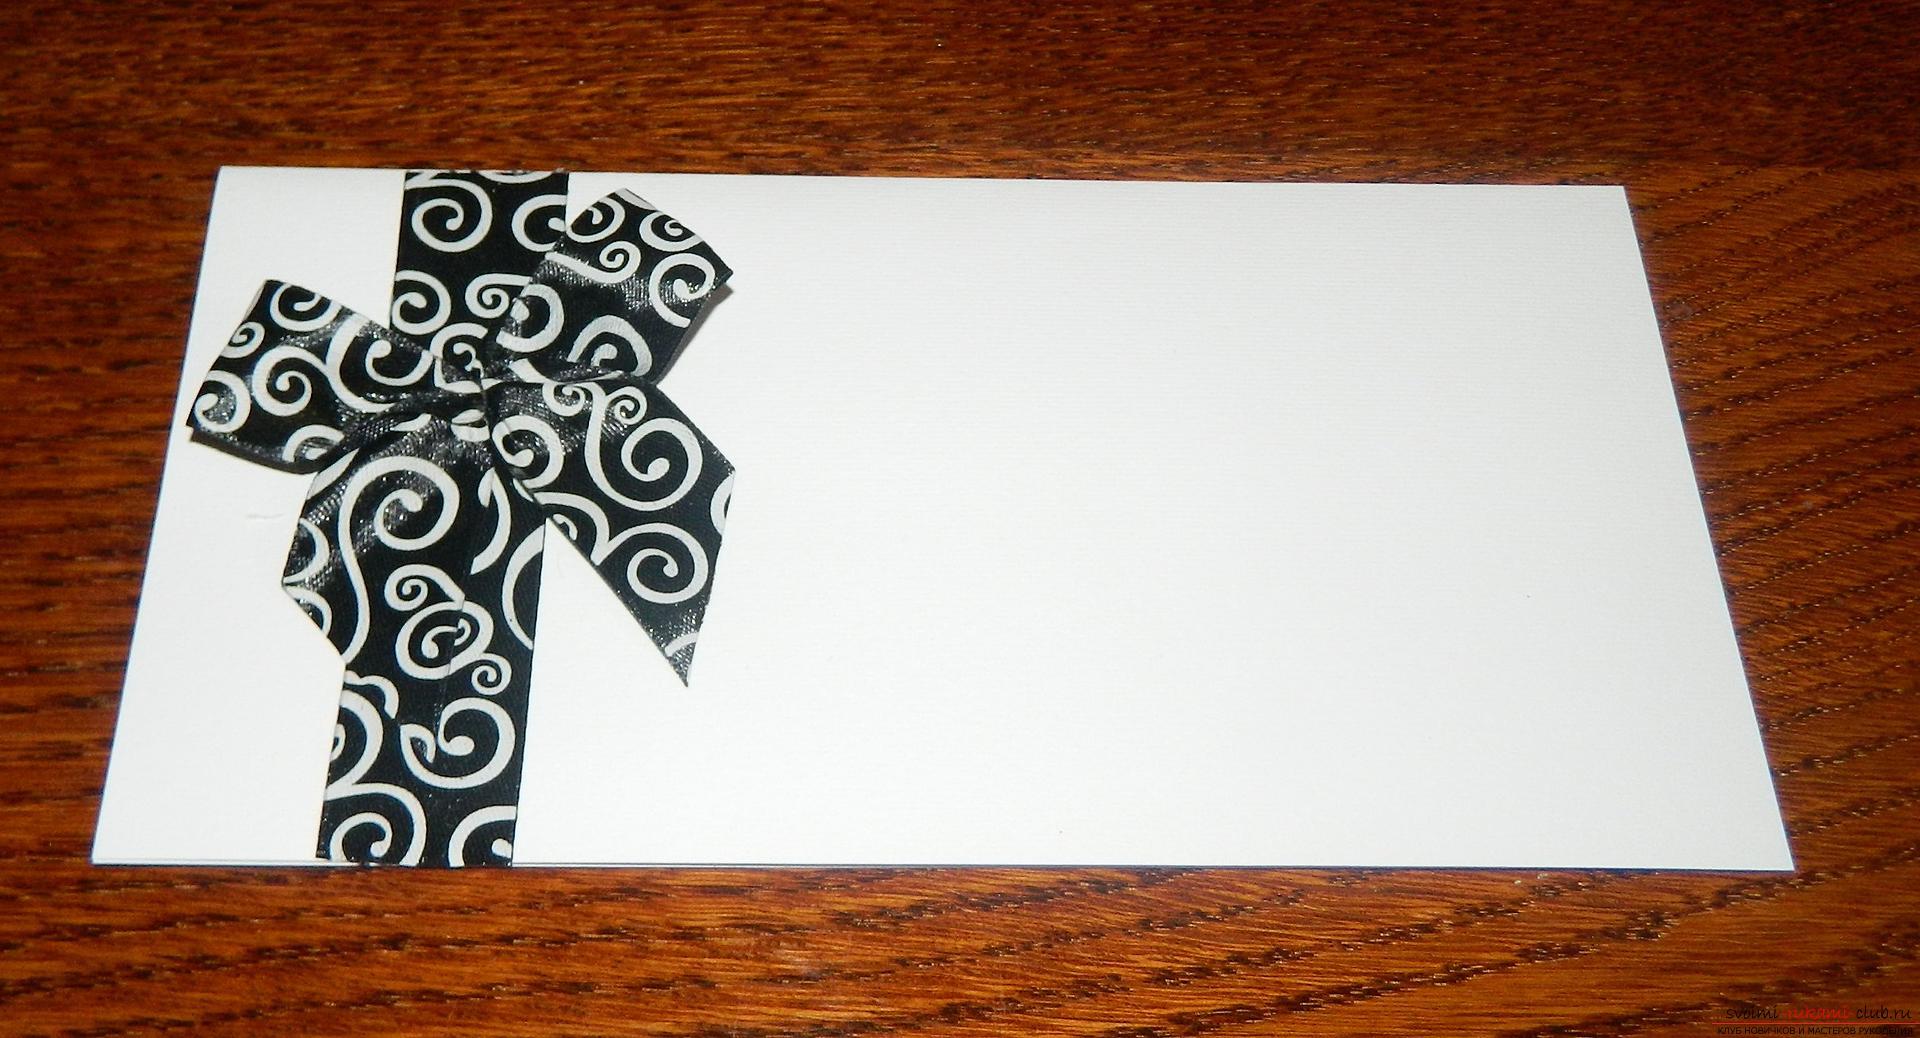 Этот мастер-класс покажет как сделать красивые открытки своими руками.. Фото №3